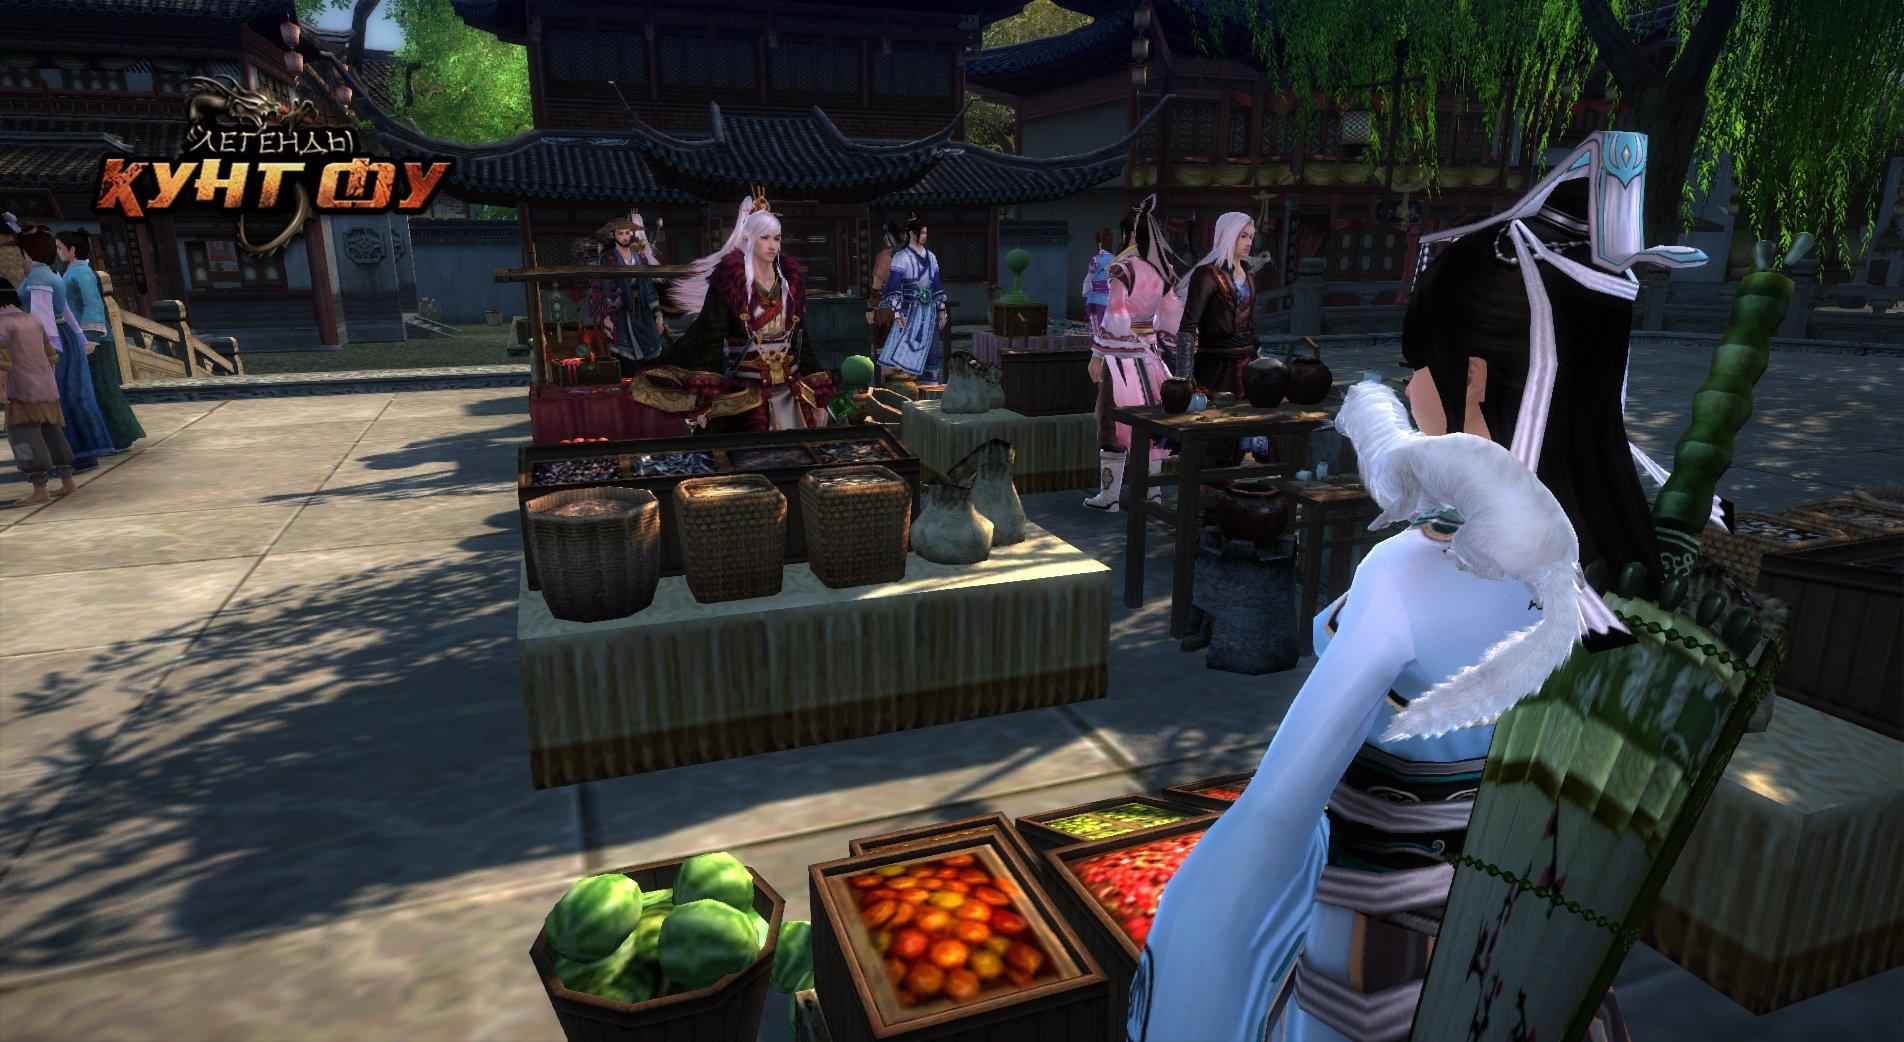 Легенды Кунг Фу: Предостережение о мошенниках - Изображение 3